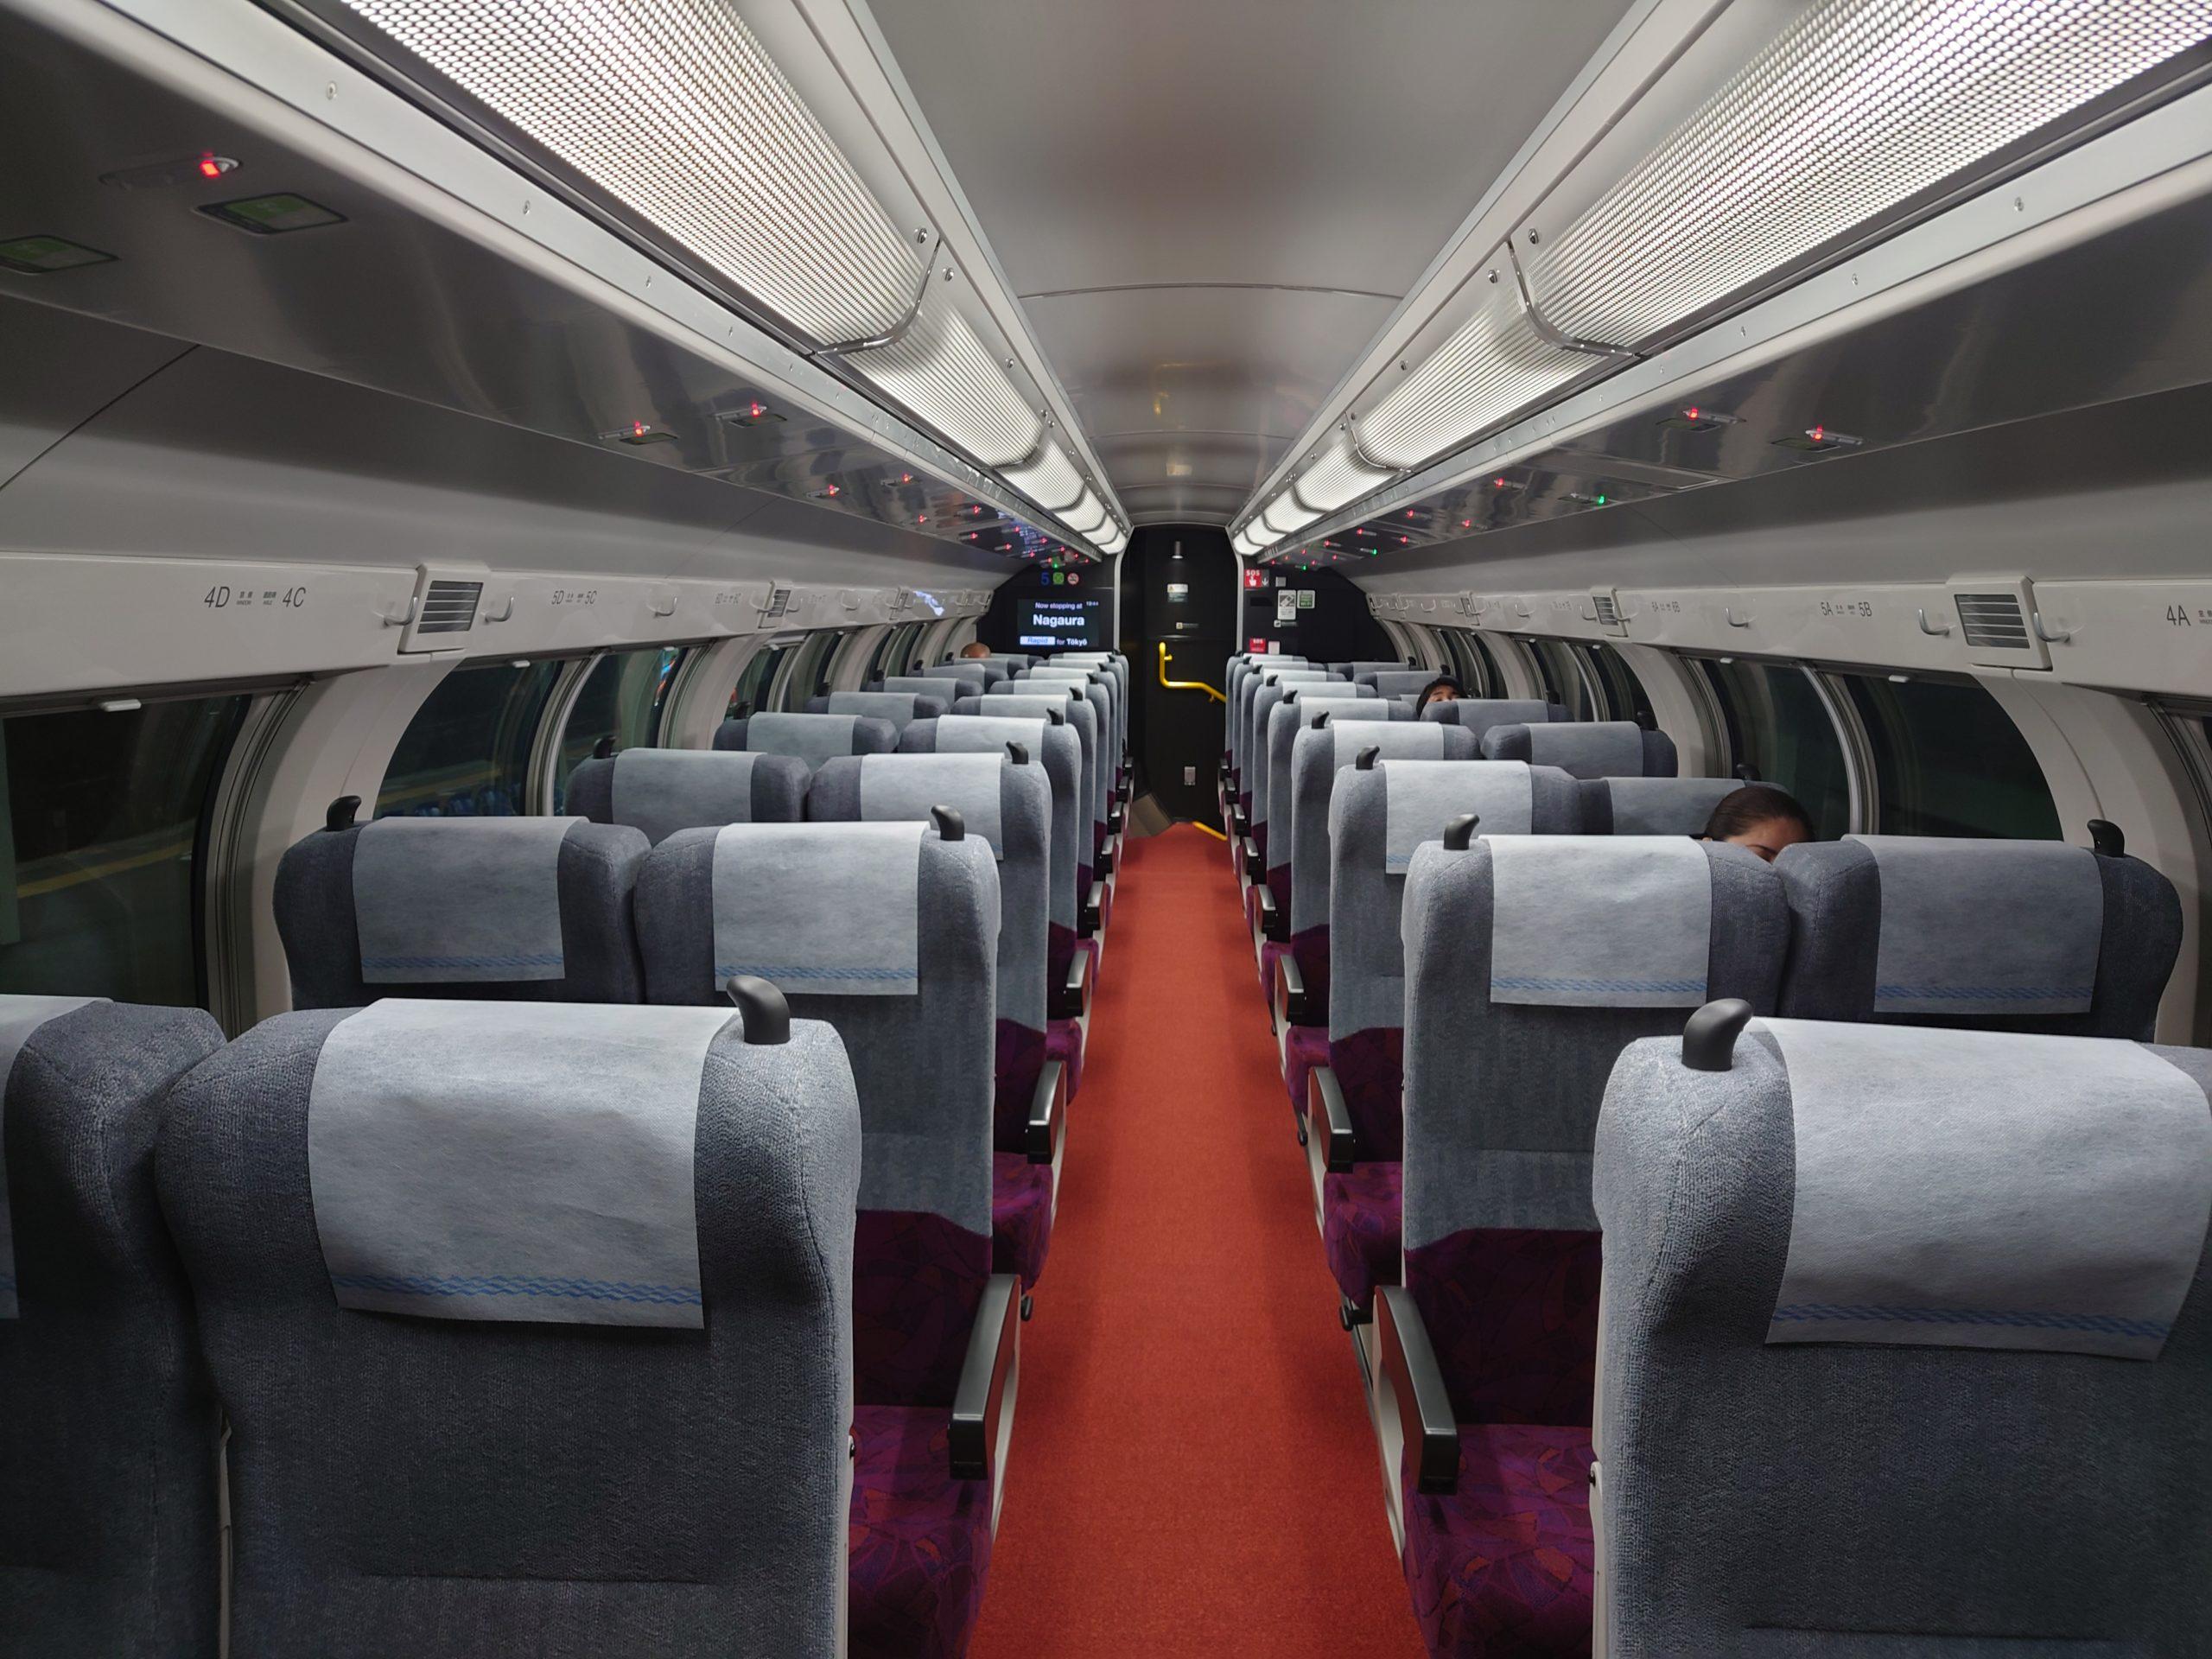 【新型】E235系横須賀・総武快速線、グリーン車・普通車 車内紹介